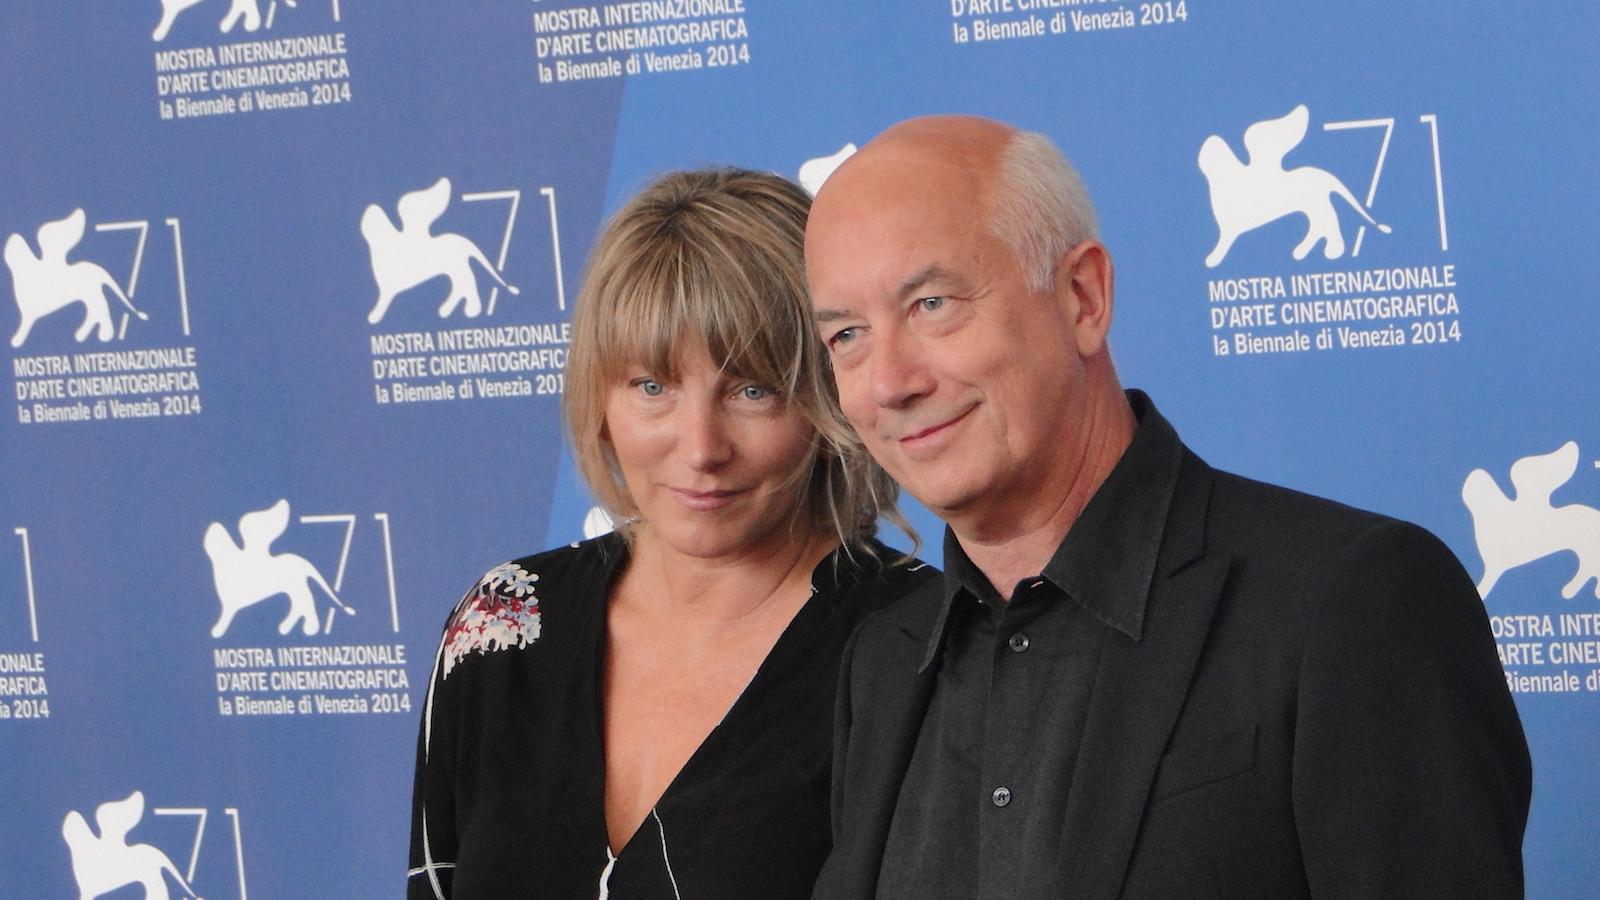 Venezia 2014: uno scatto con Davide Ferrario al photocall de La zuppa del demonio